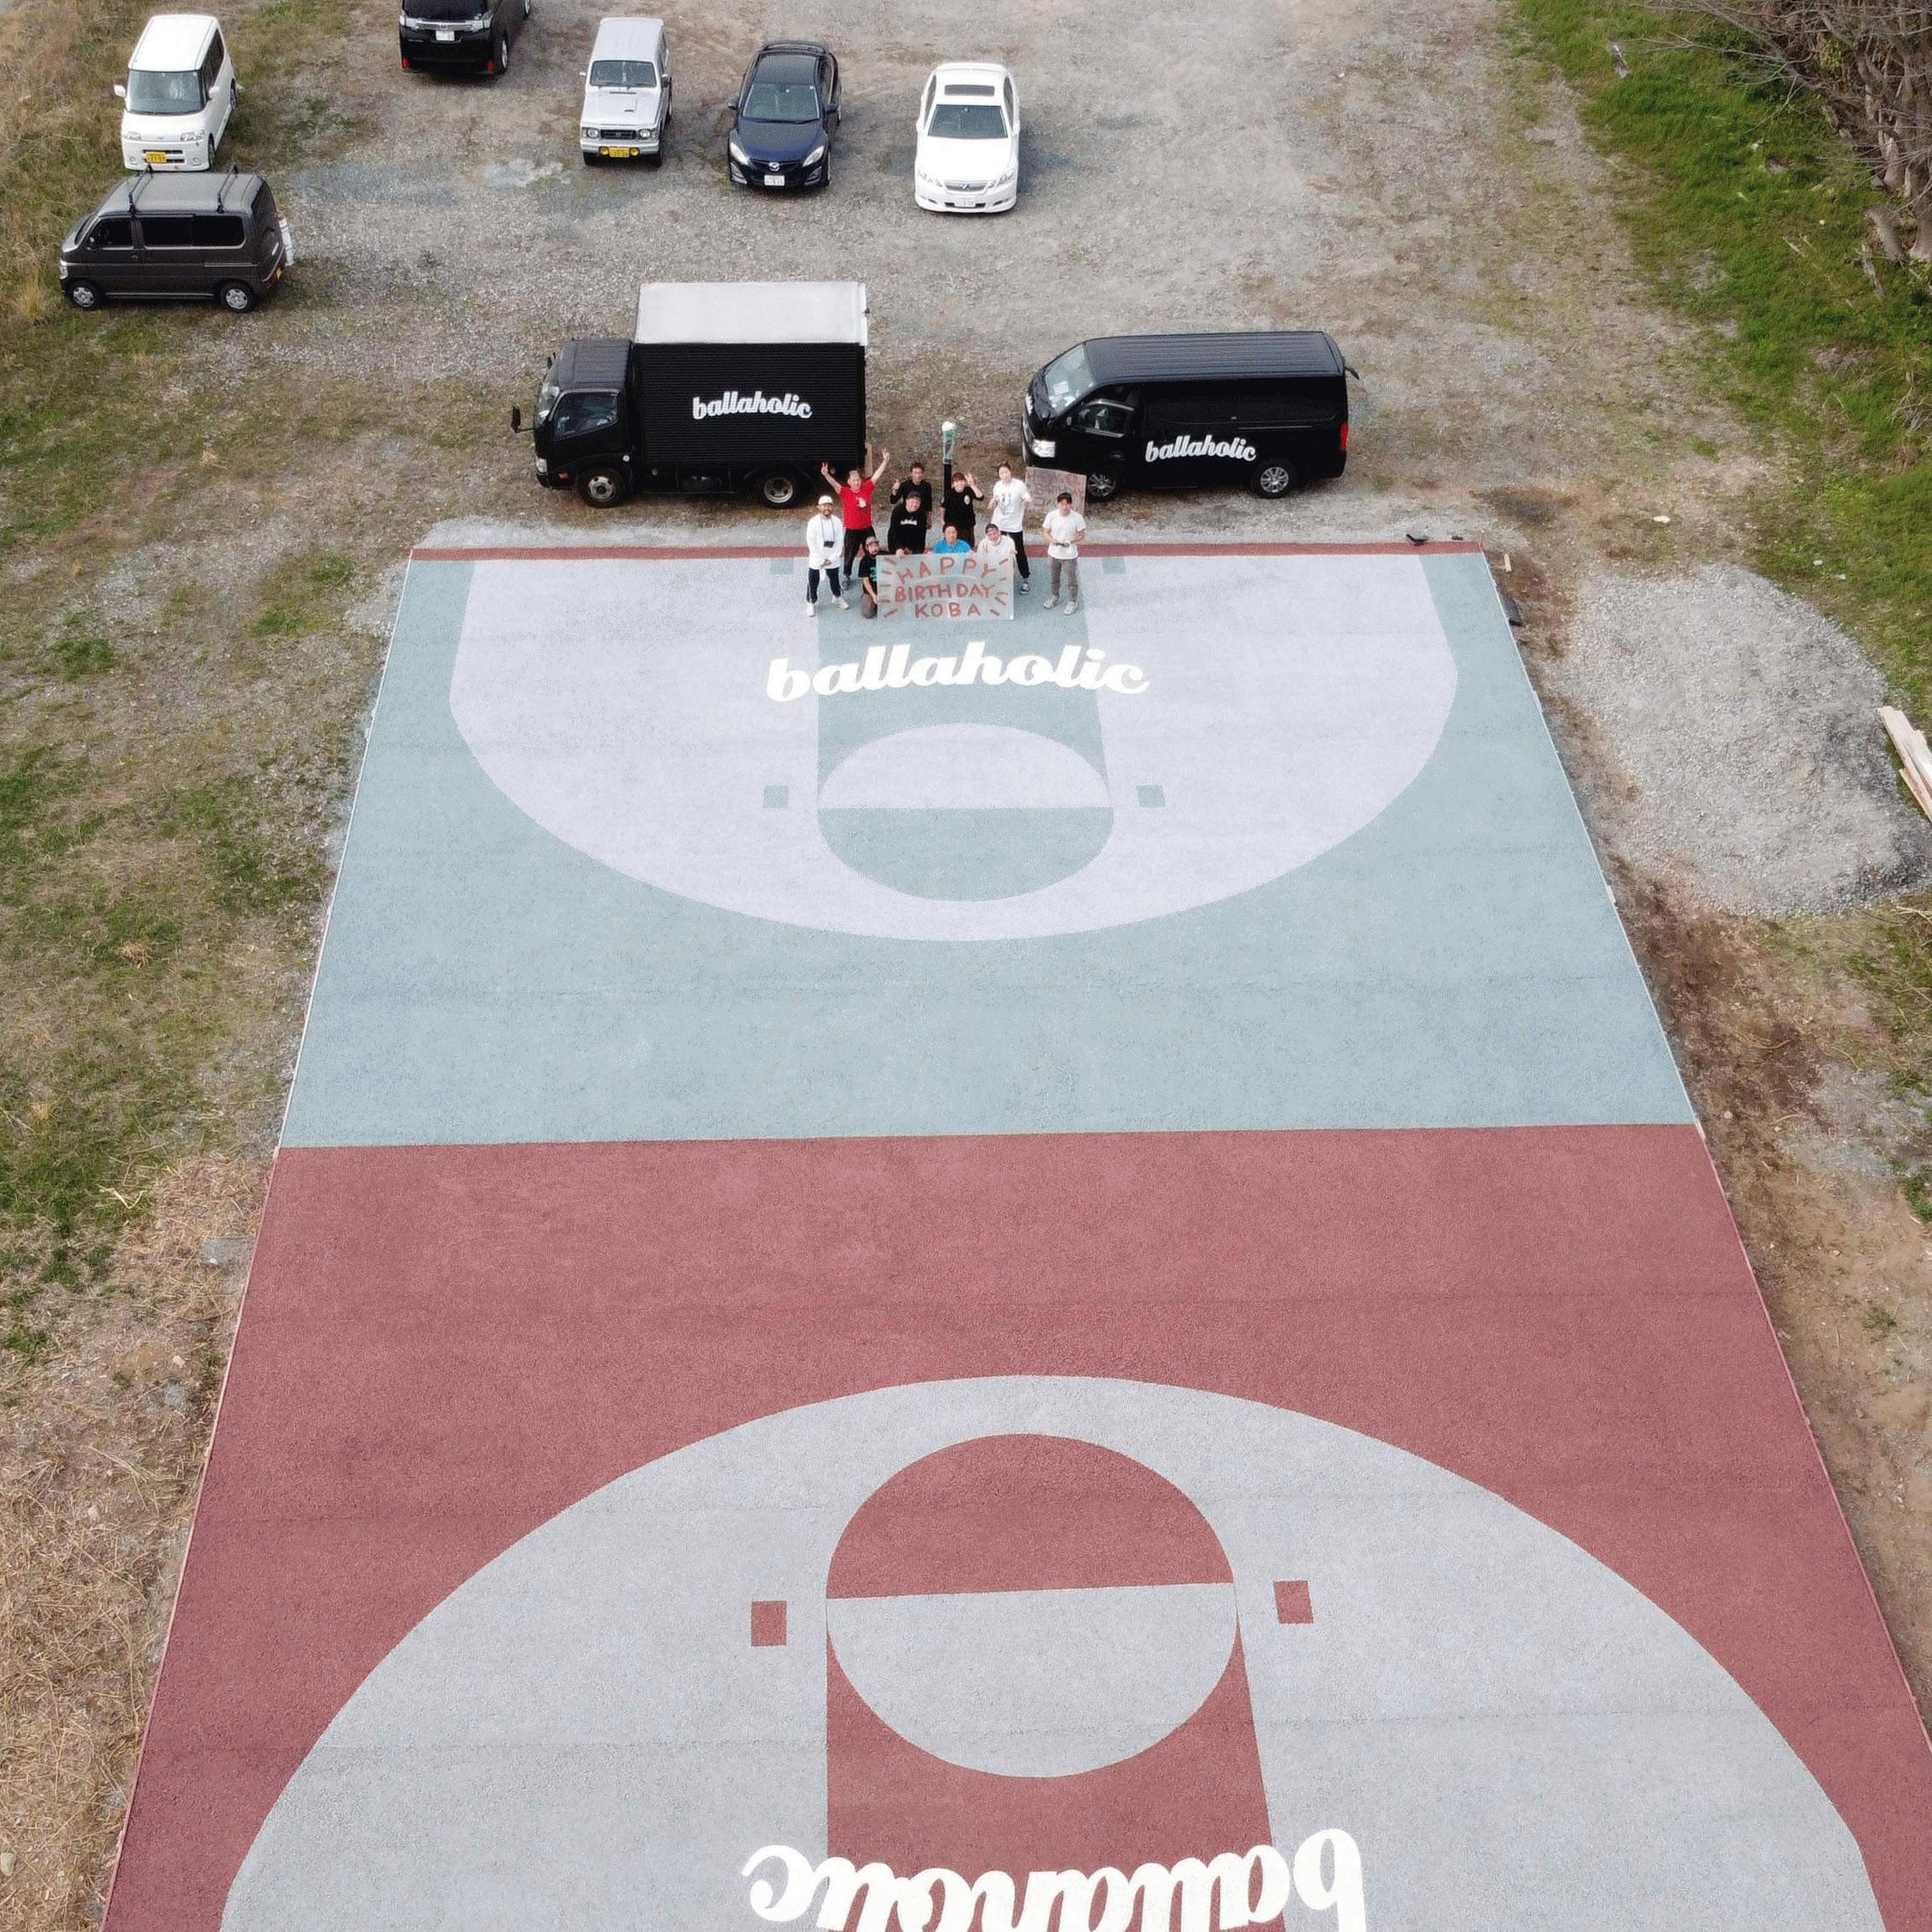 【三重】「バスケットコートはこれから世界の景色を美しく変えてしまう」ballaholic・homecourt